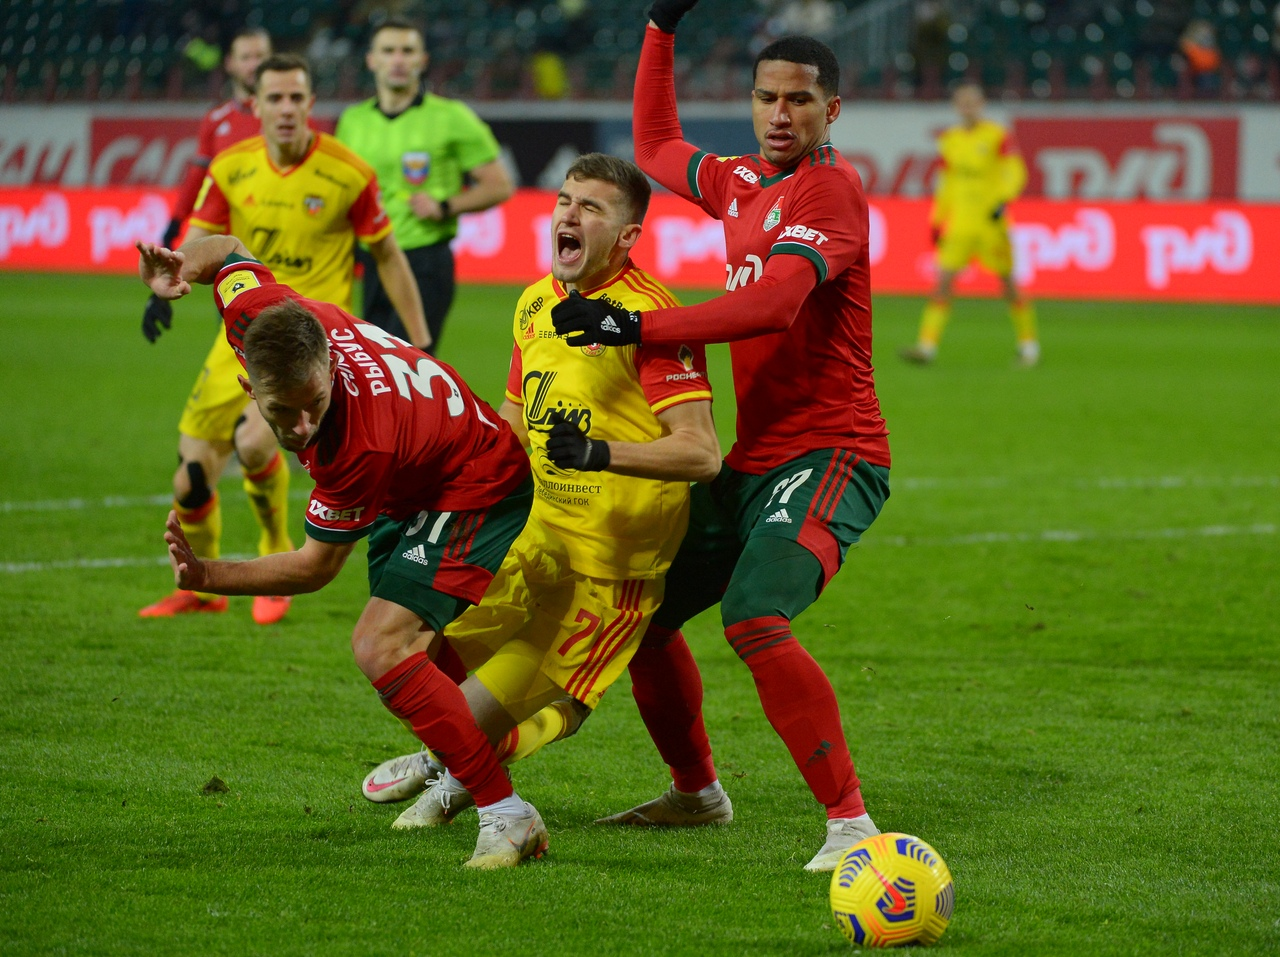 Тульский «Арсенал» проиграл в Москве «Локомотиву»